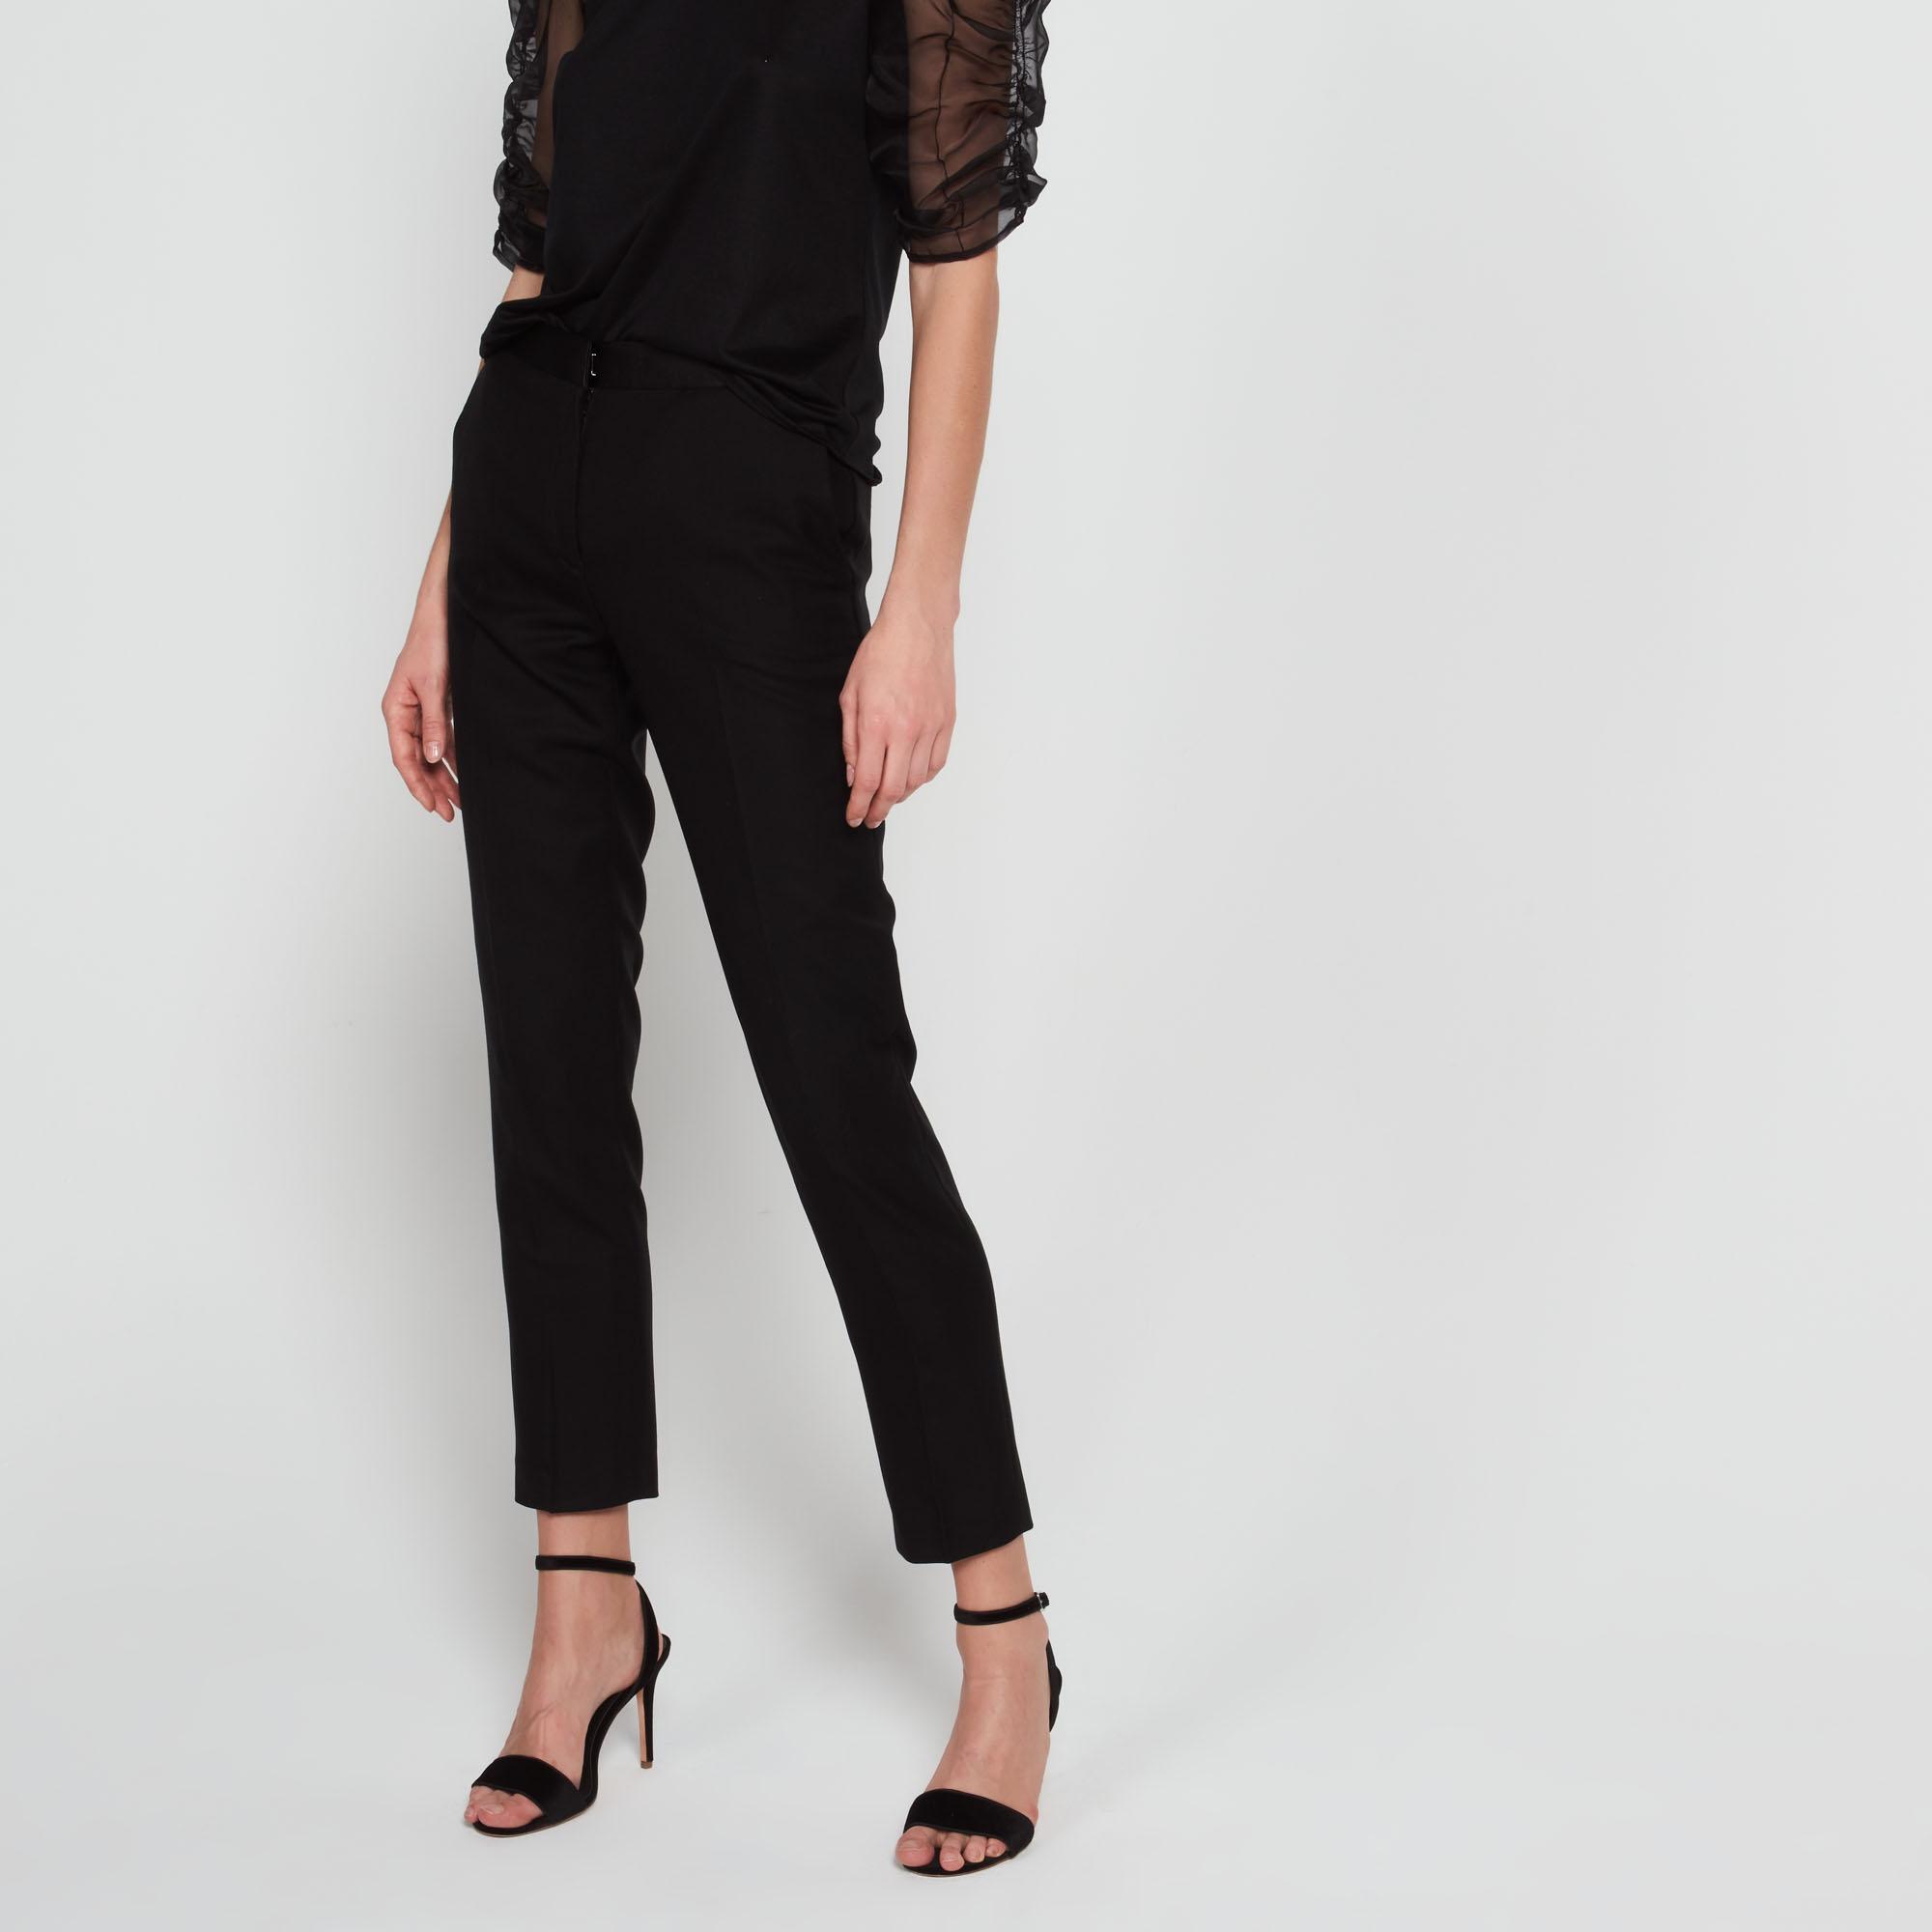 Pantaloni in lana con pince : Collezione Estiva colore Nero